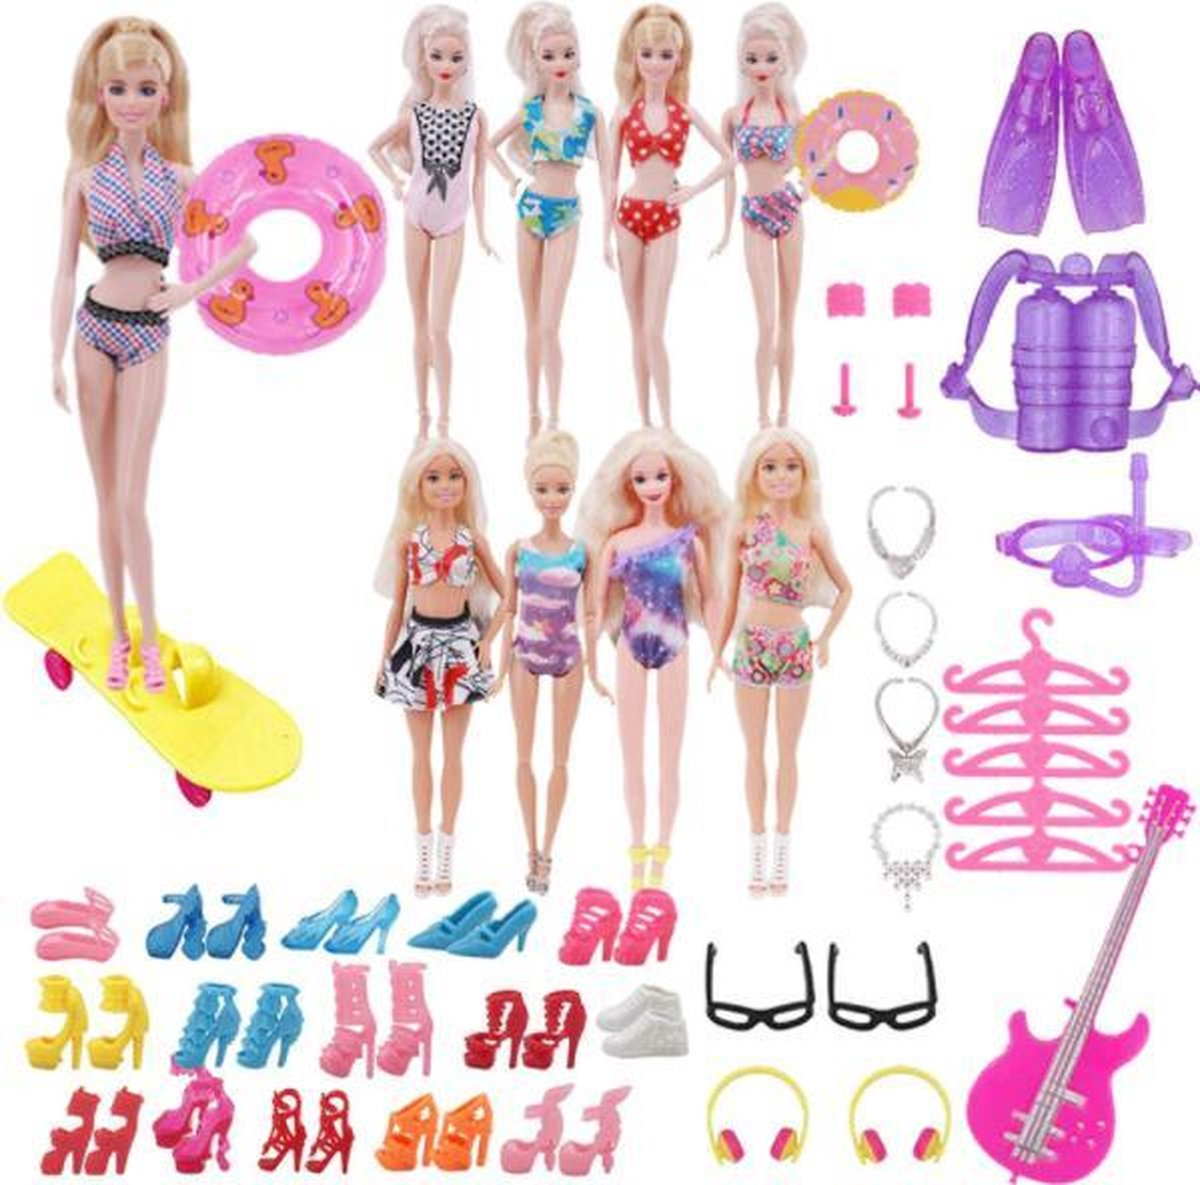 Dolldreams - Zomer Accessoires set voor Barbie met strand kleding, duikset, jurkjes, zwembanden, sieraden etc.